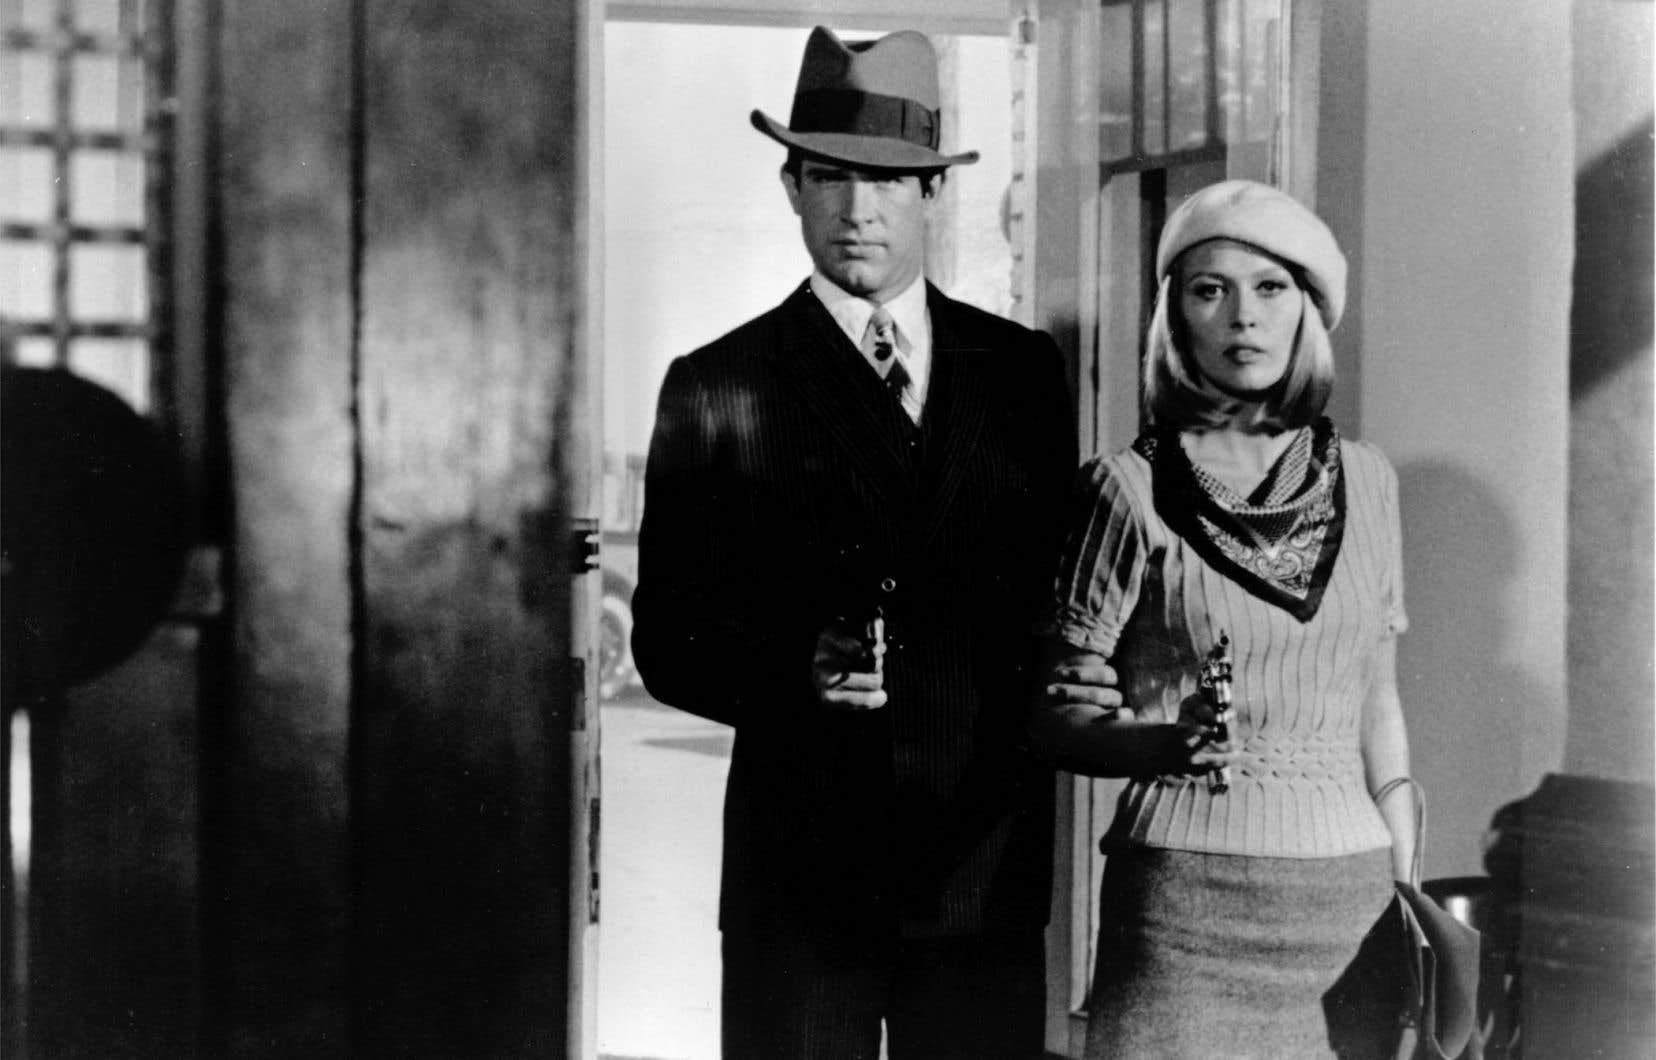 Le déterminant «Bonnie and Clyde» (1967), d'Arthur Penn, qui revient sur le parcours sanglant de Bonnie Parker (Faye Dunaway) et Clyde Barrow (Warren Beatty). Sur fond de Grande Dépression, ce «voleur de voitures maladroit» et cette «fille qui s'ennuie» se rencontrent, ont le coup de foudre et se mettent à voler des banques. Morts et traque sans merci s'ensuivent.